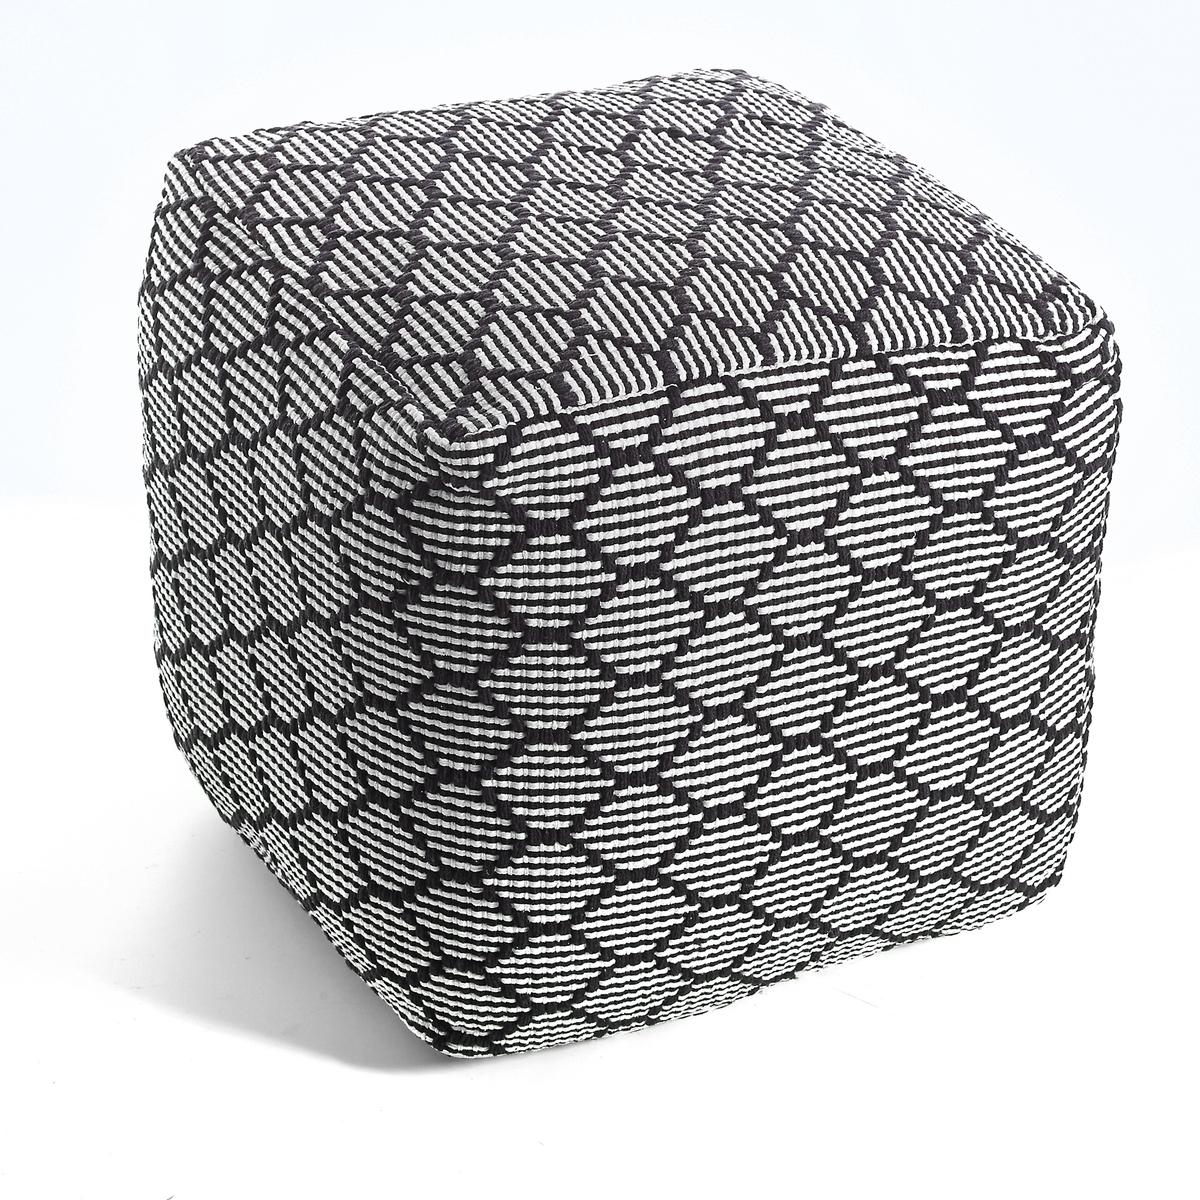 Квадратный пуф AMIELХарактеристики пуфа Amiel :- Простежка ромбами.- Застежка на молнию с 3 сторон. - 100% хлопка. - Наполнитель 100% полистирола. Размеры пуфа Amiel:- 40 x 40 x 40 см.<br><br>Цвет: черный/ белый